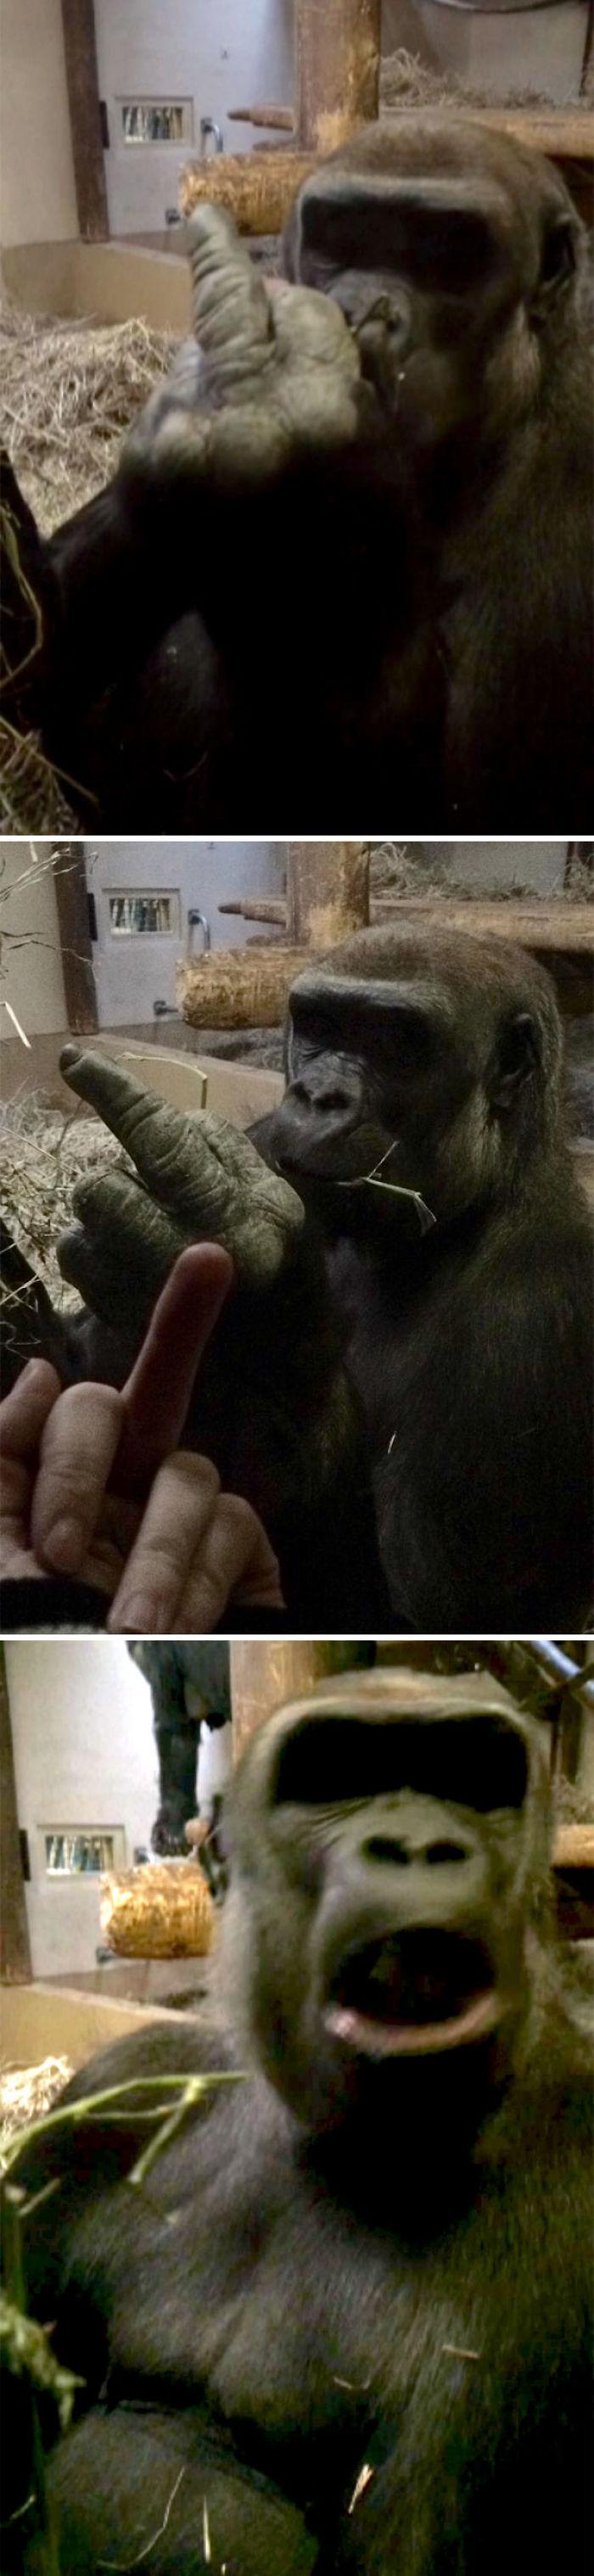 Un gorila me enseñó el dedo de en medio, así que le devolví el gesto y se ofendió muchísimo